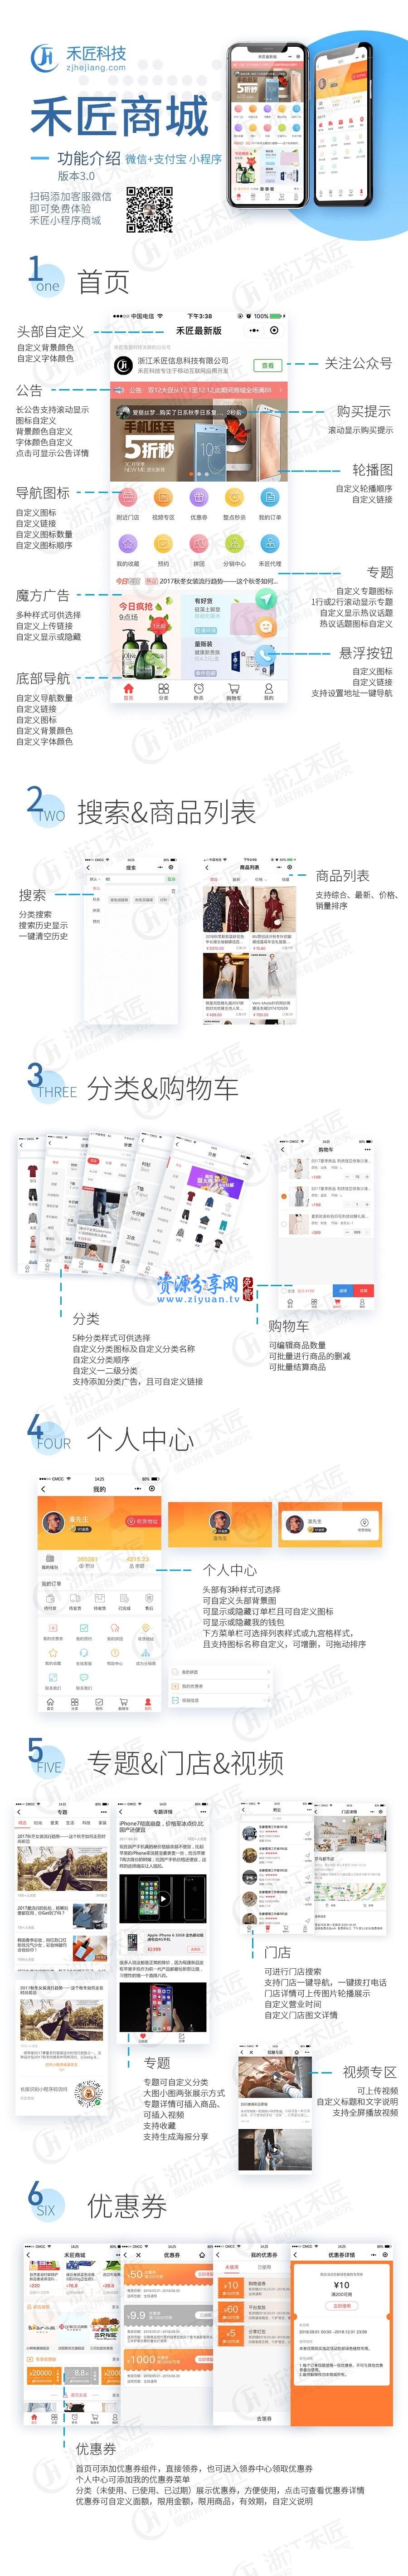 禾匠小程序商城【独立版】 V3.1.49 完整版